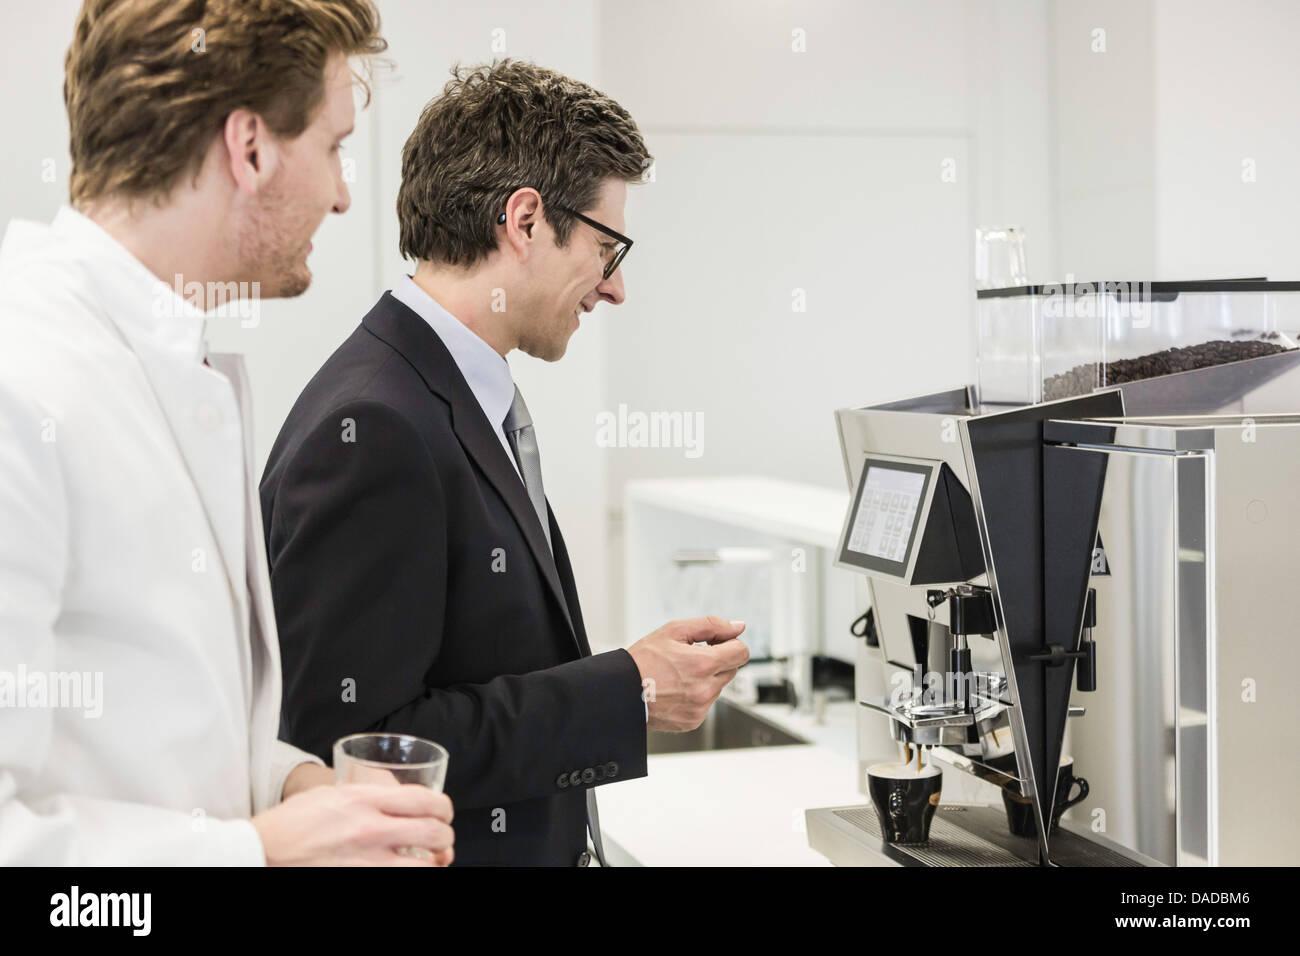 Hombre vestido con traje de negocios conseguir bebida de máquina de café Imagen De Stock